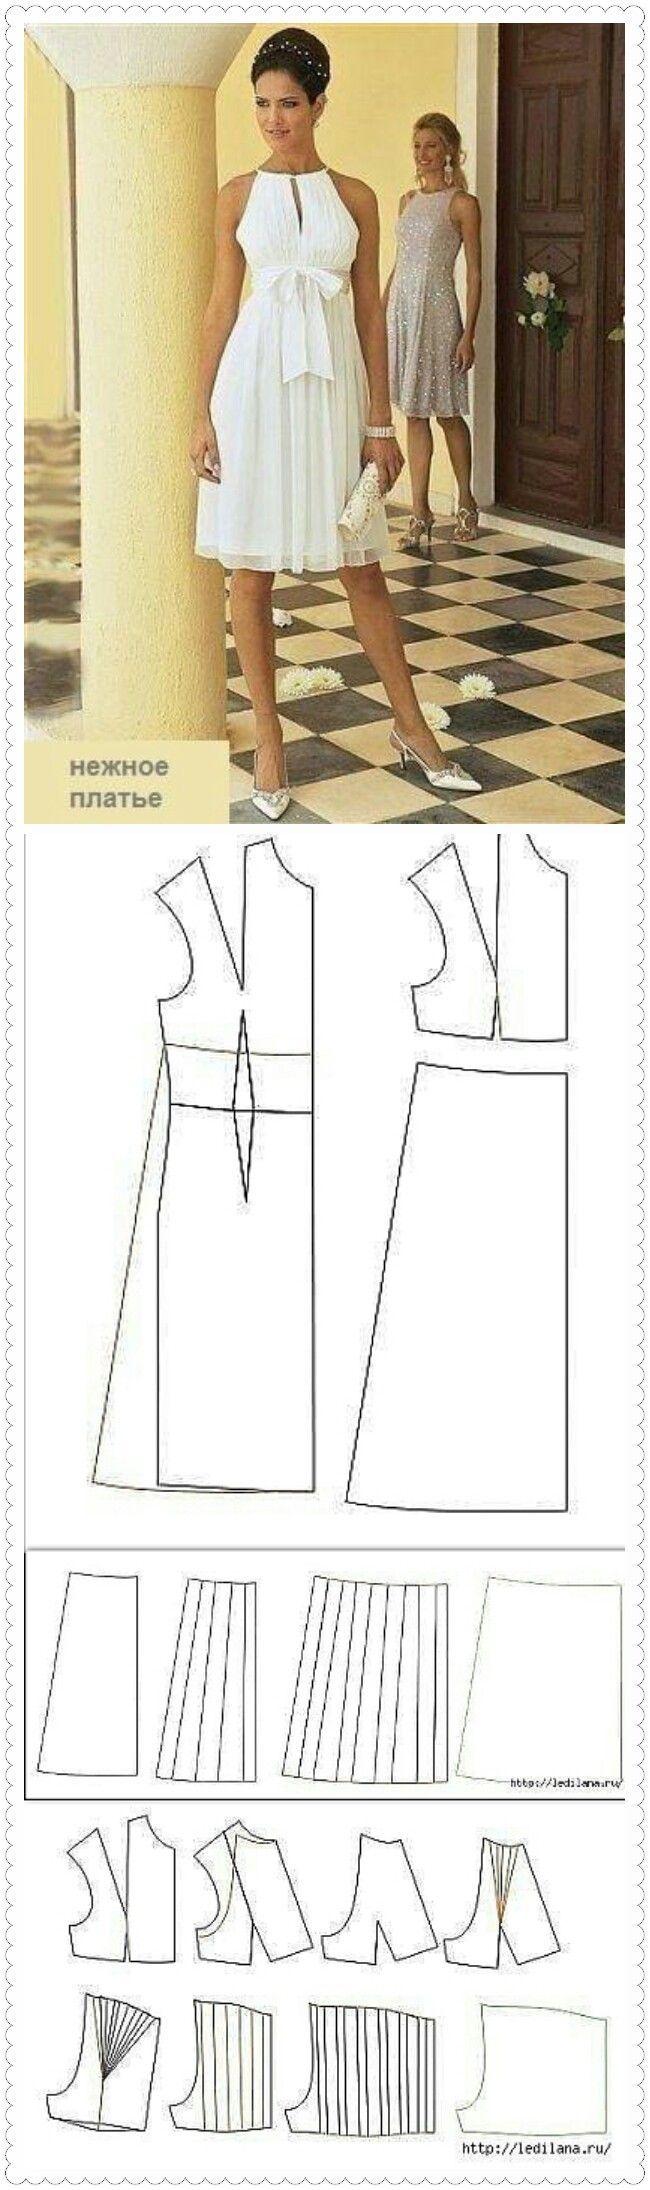 Выкройки платьев пинтерест